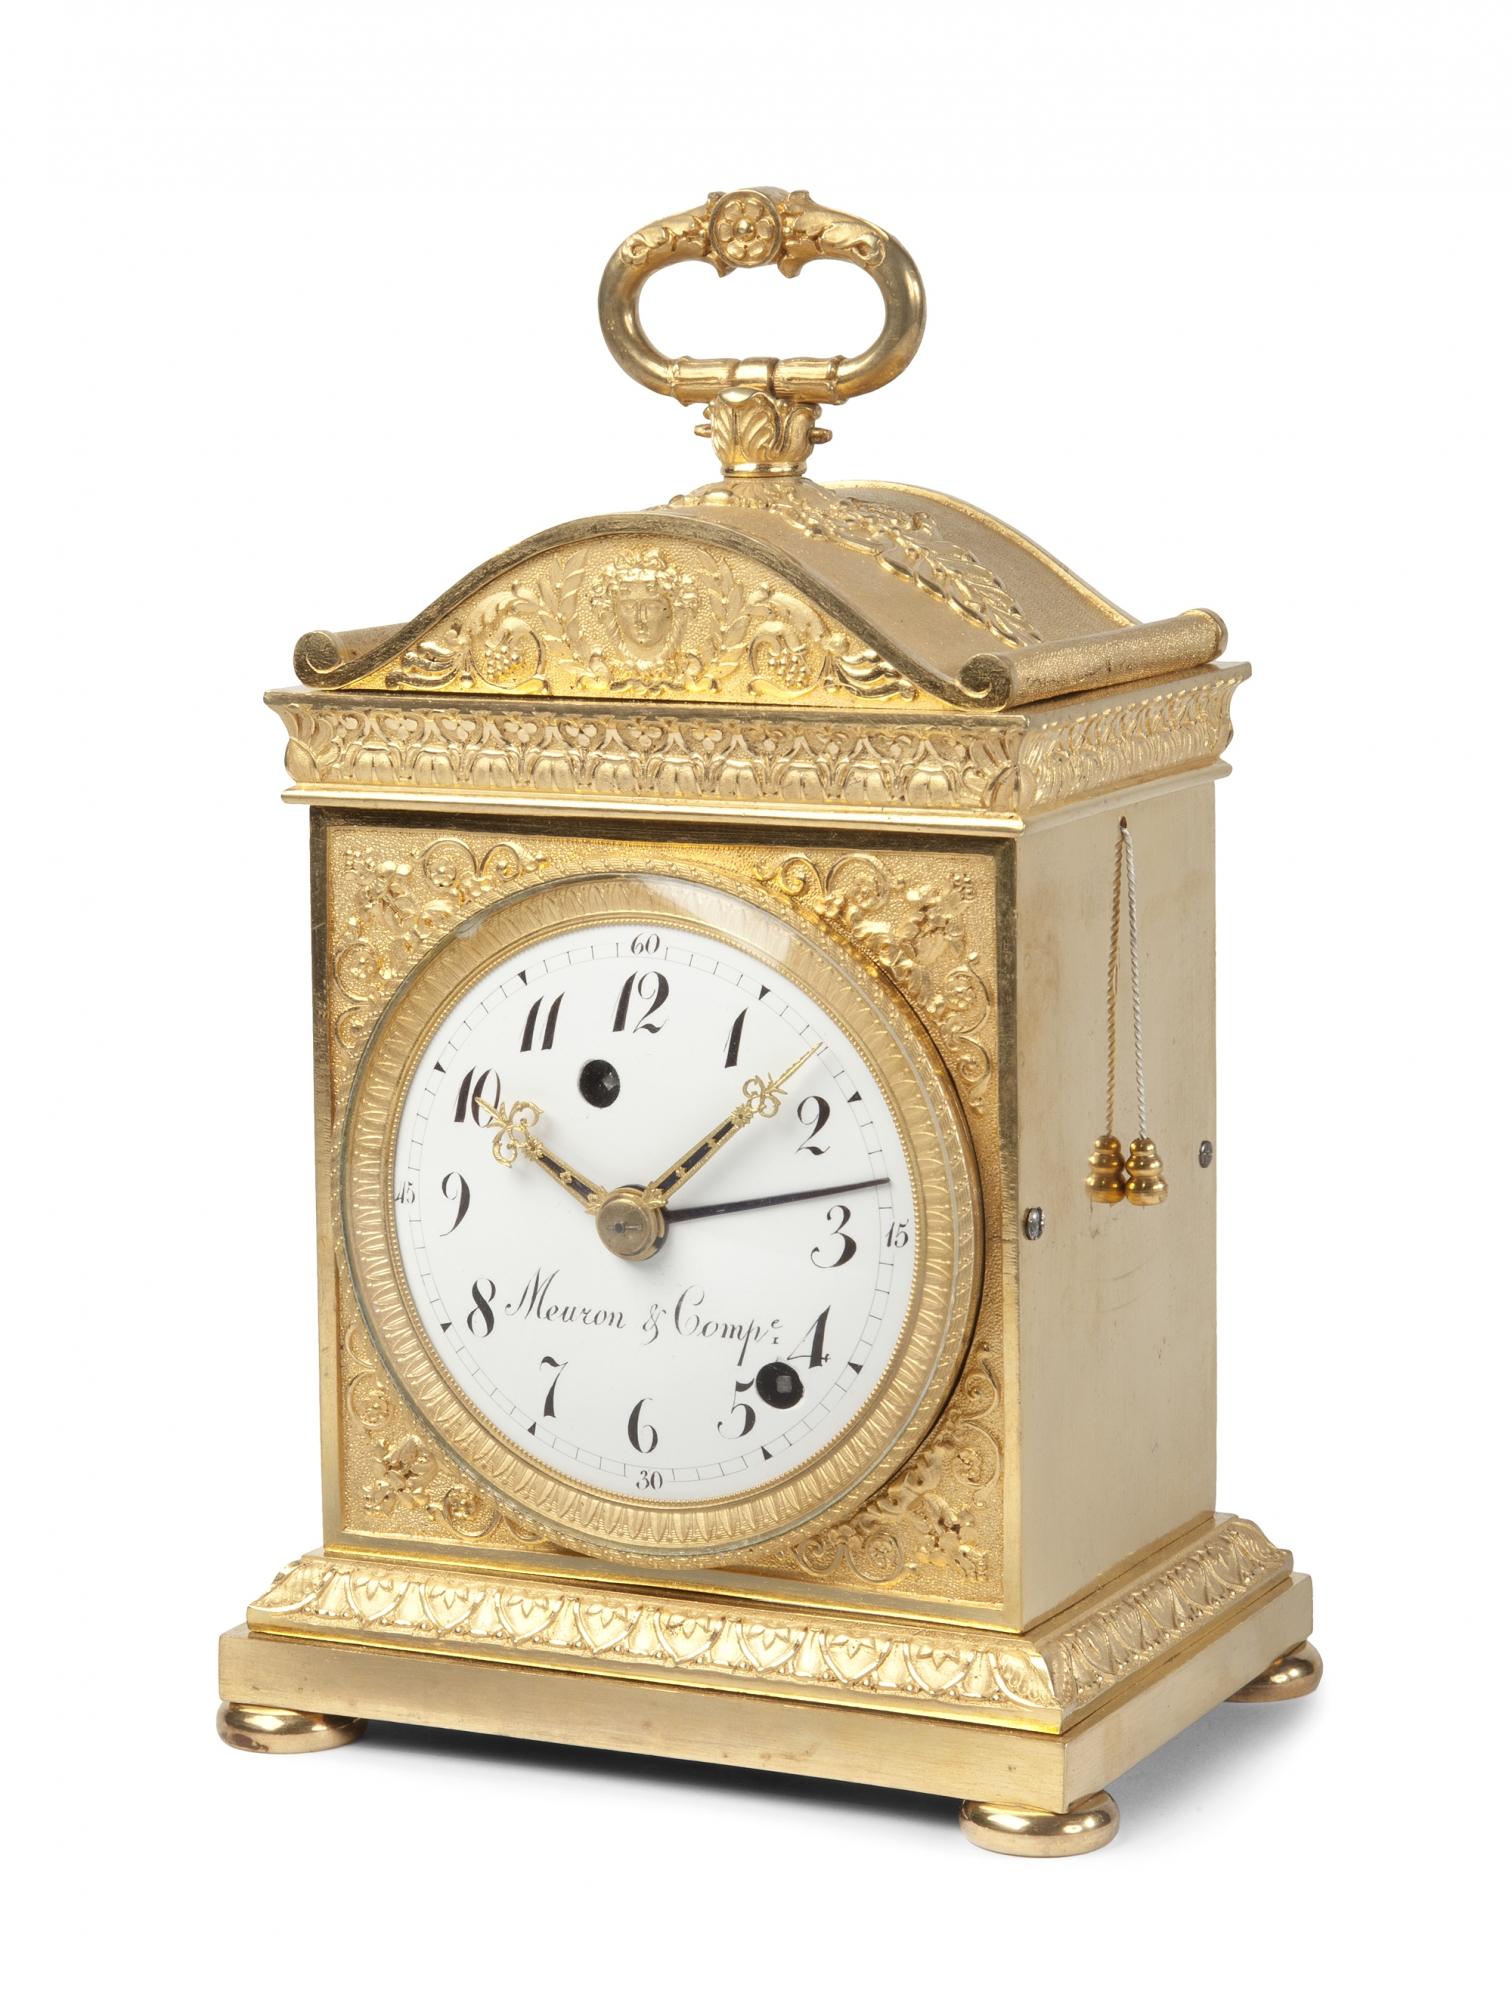 een zwitserse verguld bronzen 39 pendule d 39 officier 39 met grande sonnerie door meuron compagnie. Black Bedroom Furniture Sets. Home Design Ideas